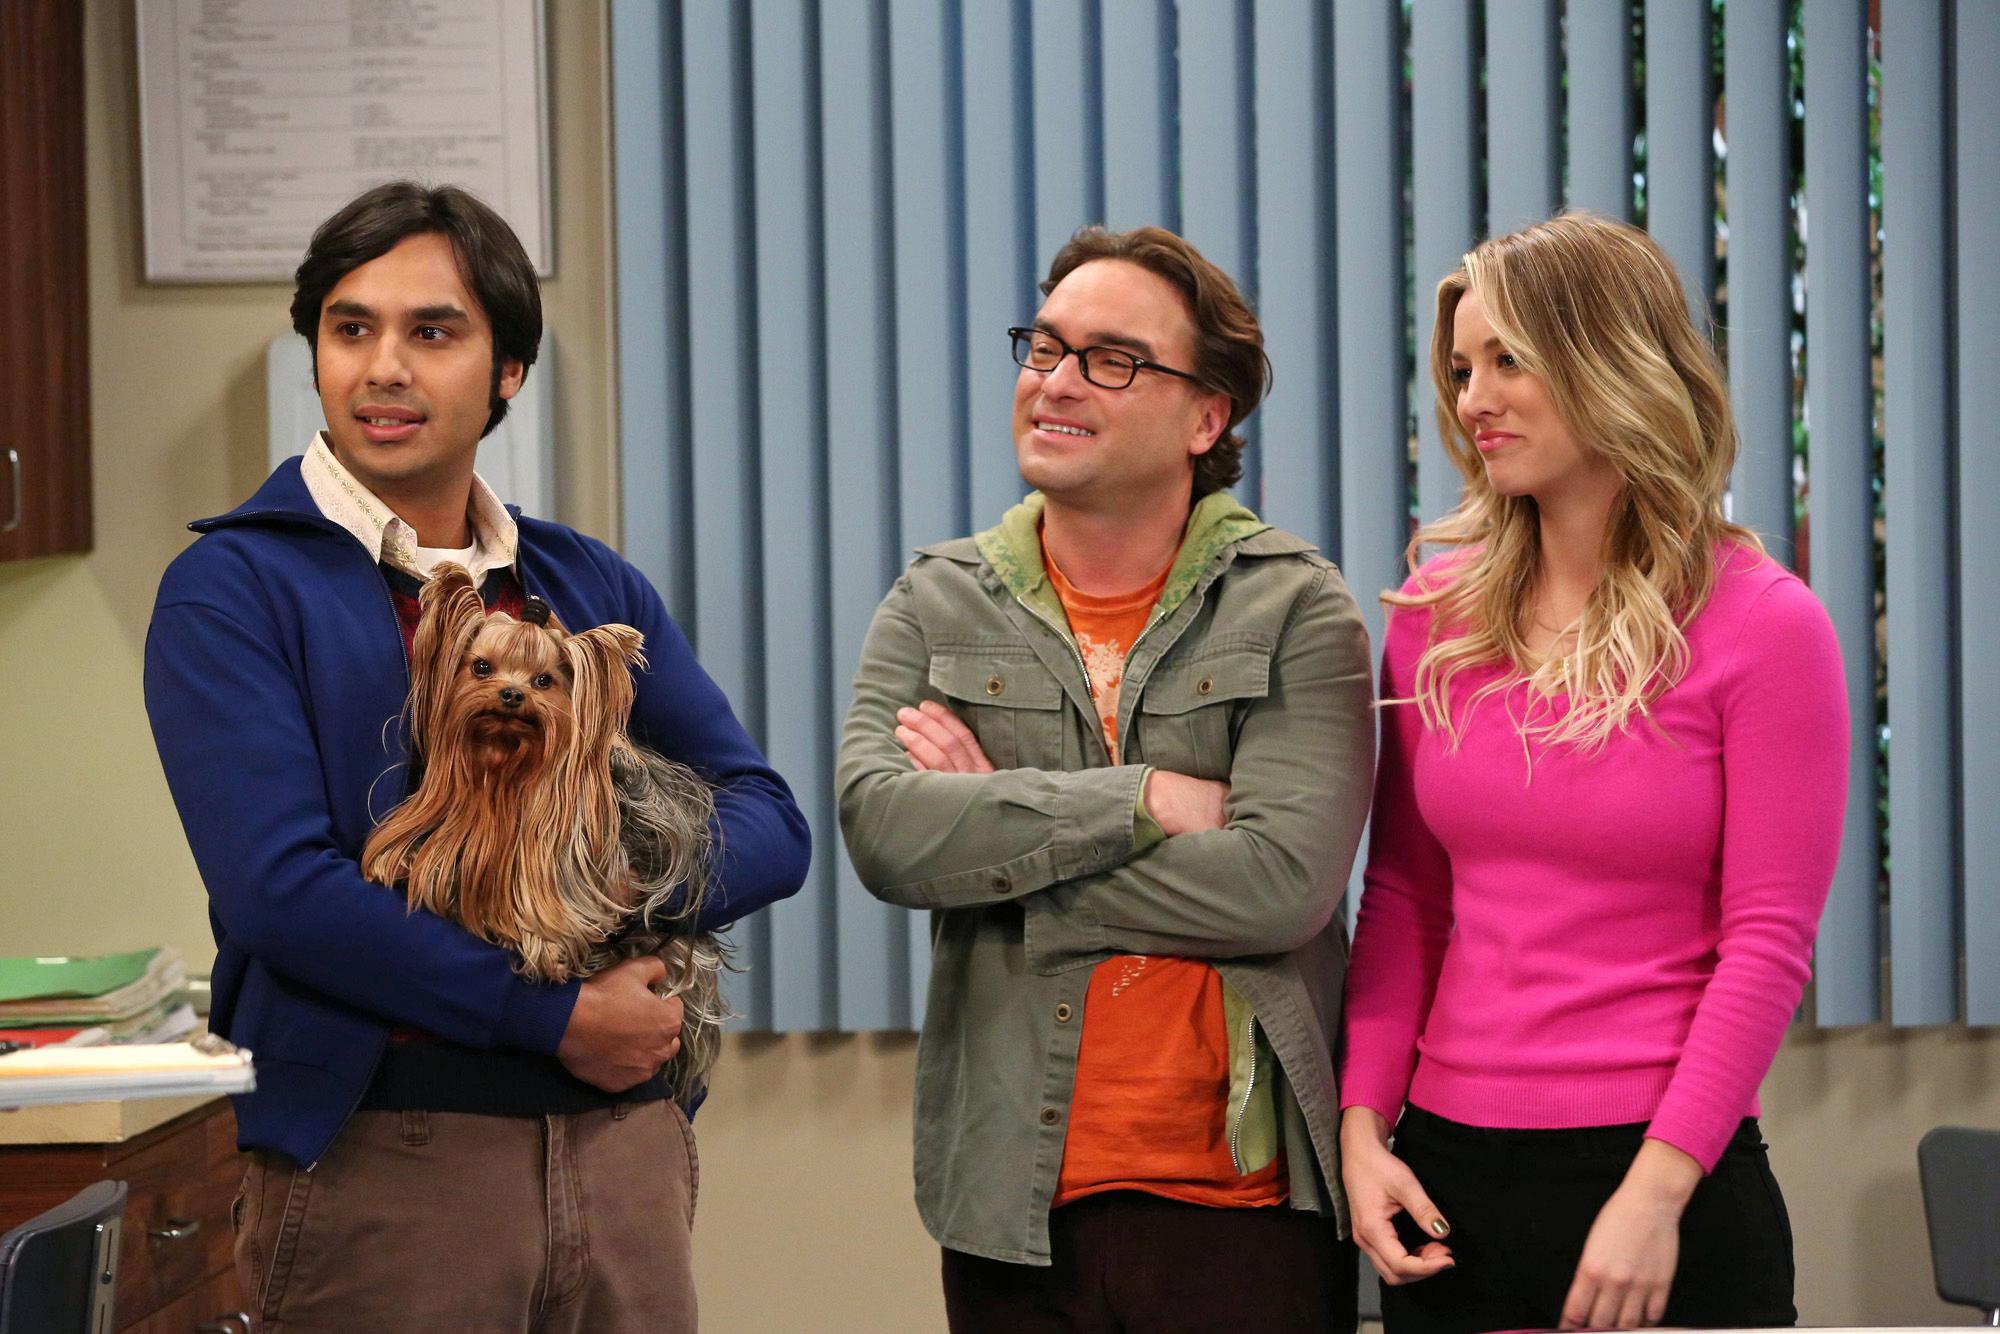 6. Raj & Cinnamon (Penny & Leonard) - The Big Bang Theory